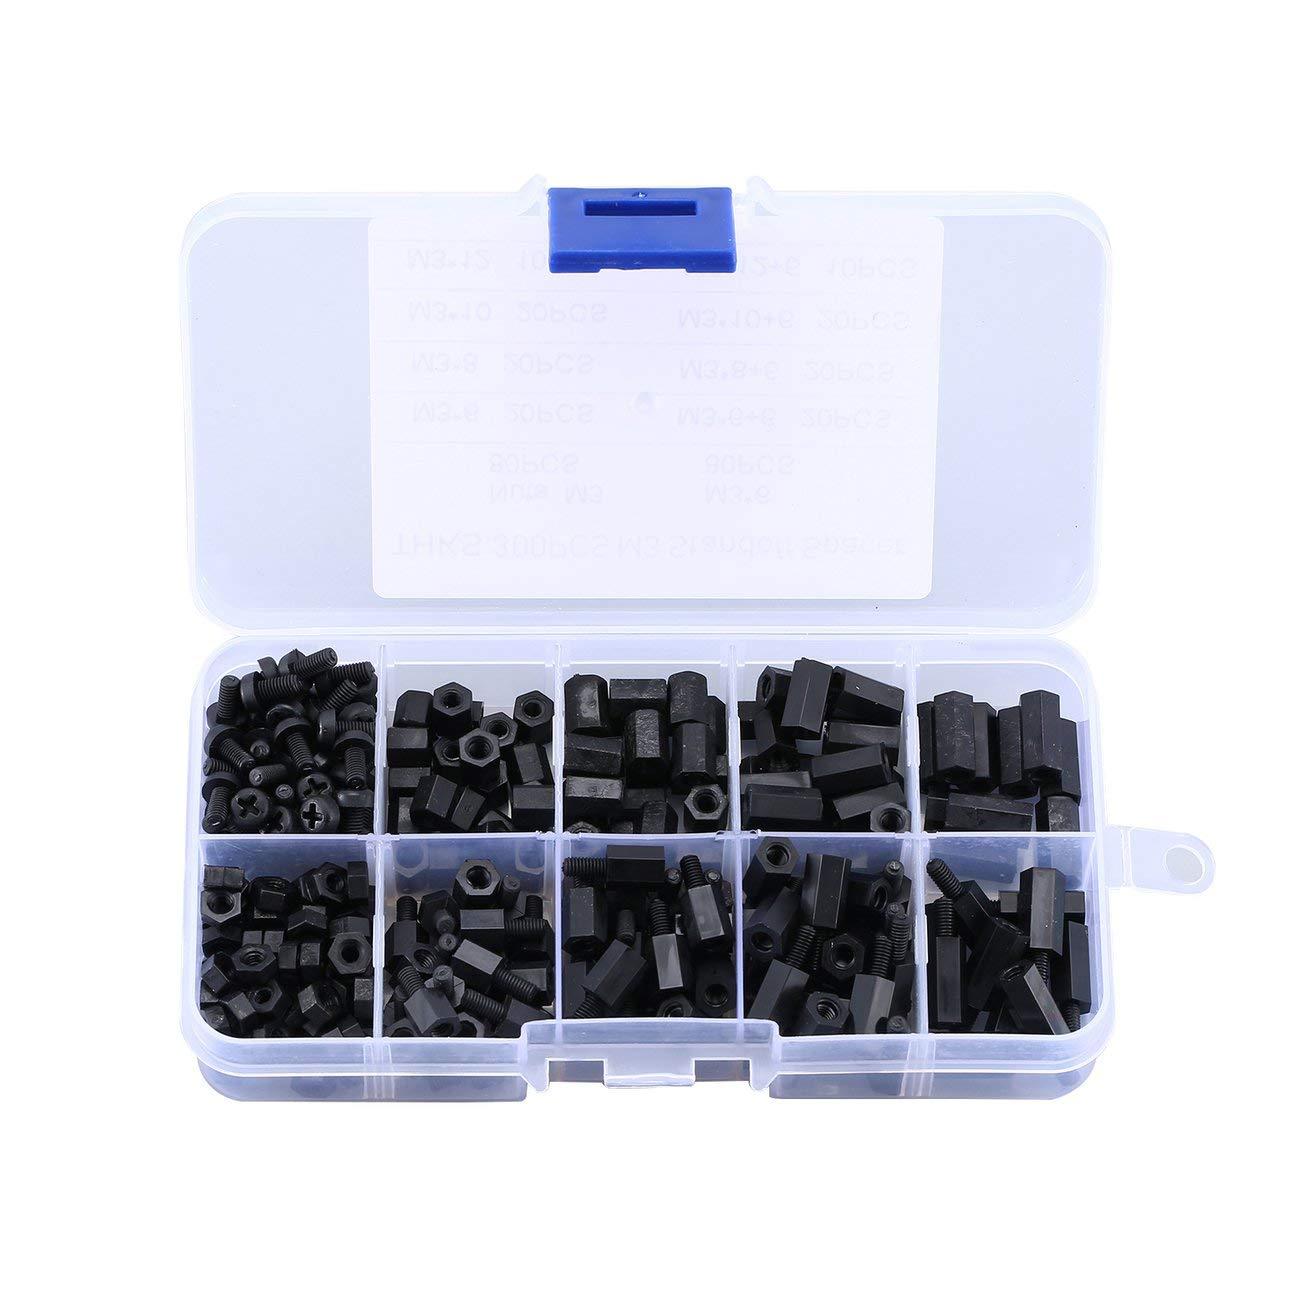 MachinYesell 300 PCS Noir M3 Nylon Entretoise Espaceurs M/âle Femelle Vis Hex Vis /Écrous Kits De R/éparation pour Electronique Carte M/ère Fixe Noir